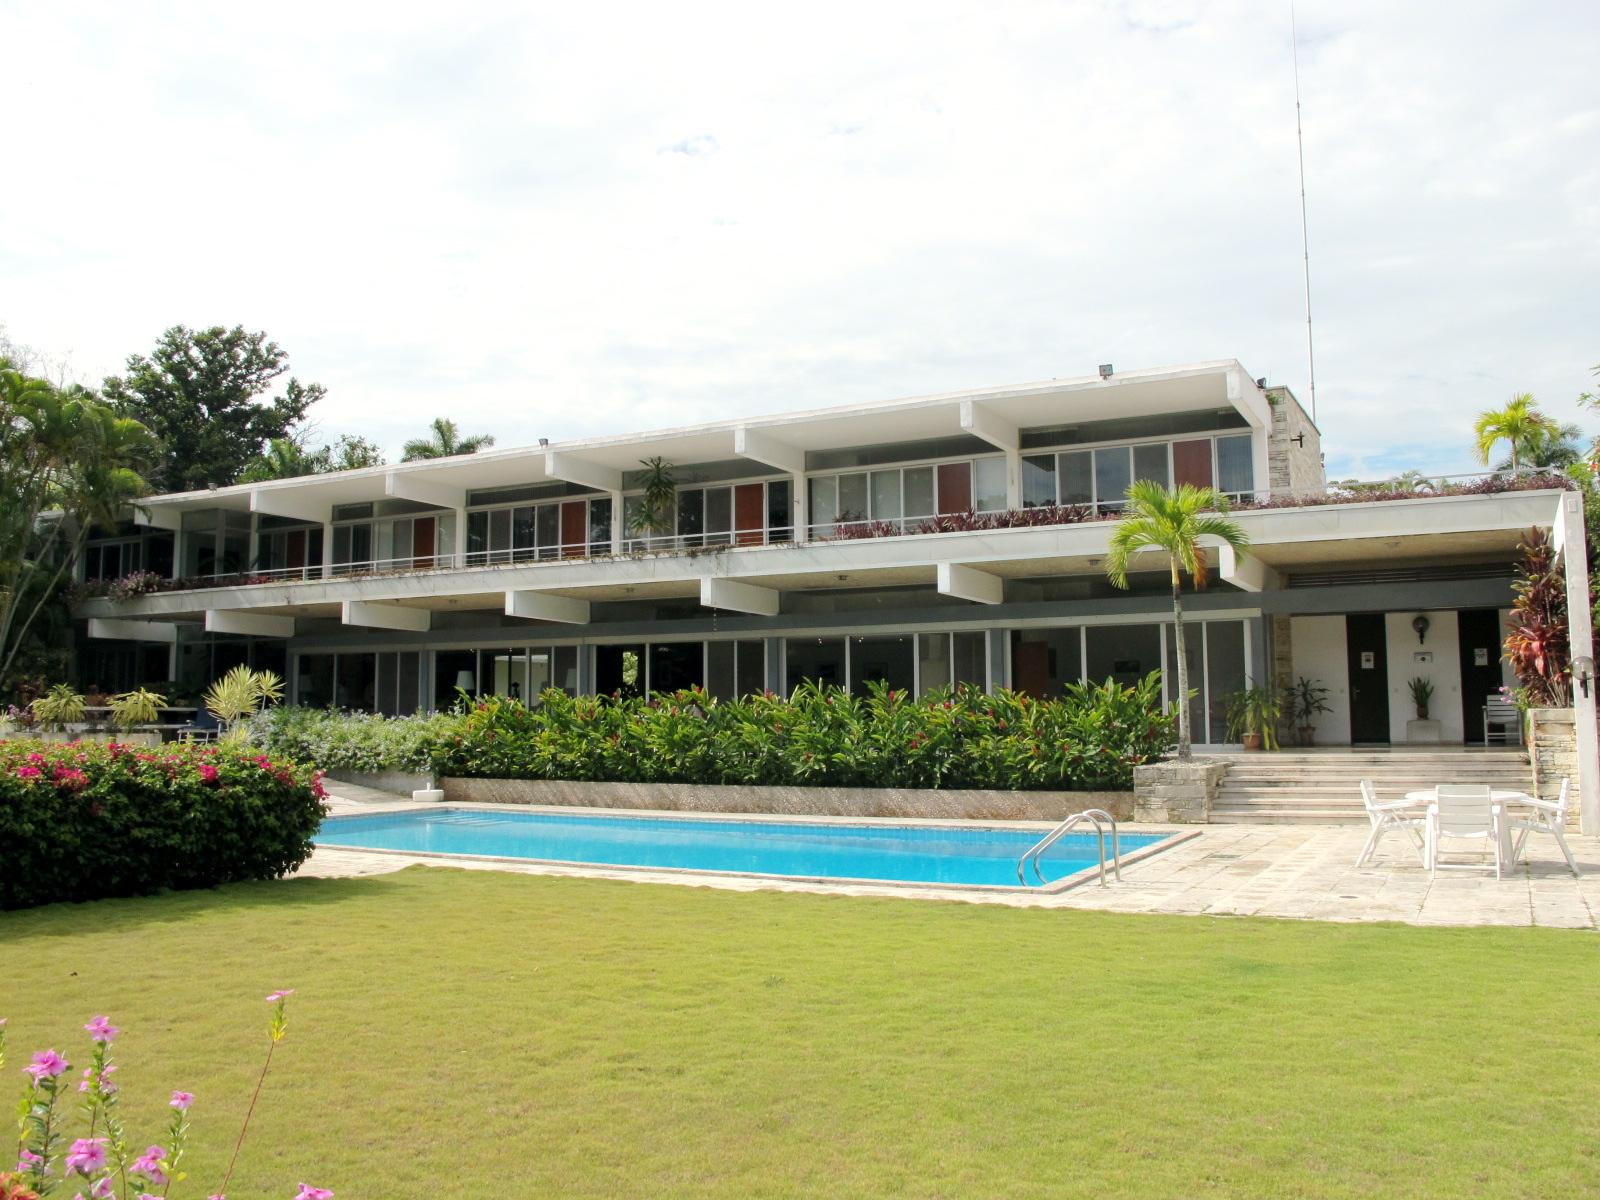 Casa de schulthess ficha fotos y planos wikiarquitectura for Casa mansion los jardines havana